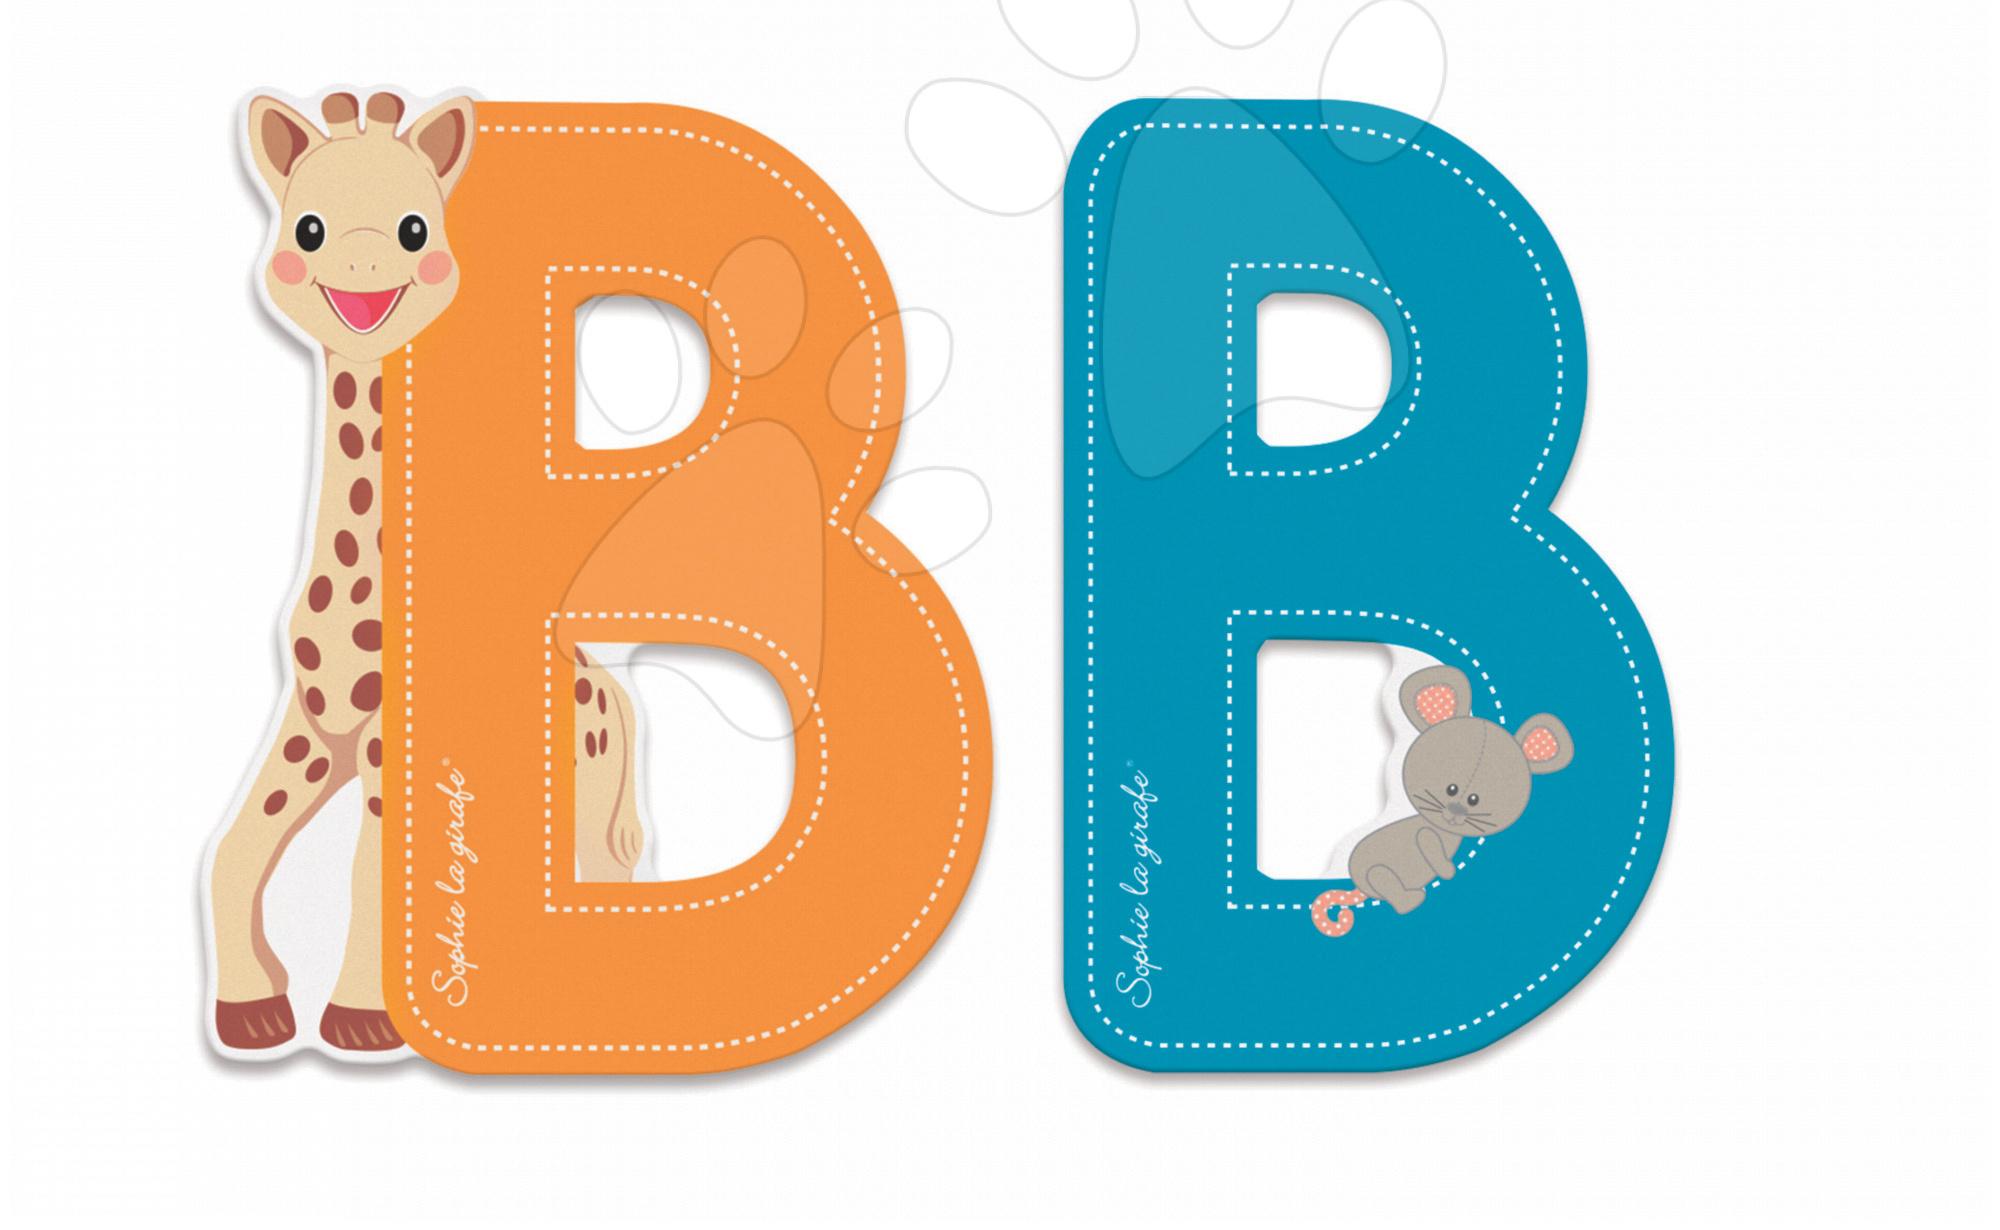 Dekorácie do detských izieb - Drevené písmeno B Sophie The Giraffe Janod lepiace 7 cm modré/oranžové od 3 rokov